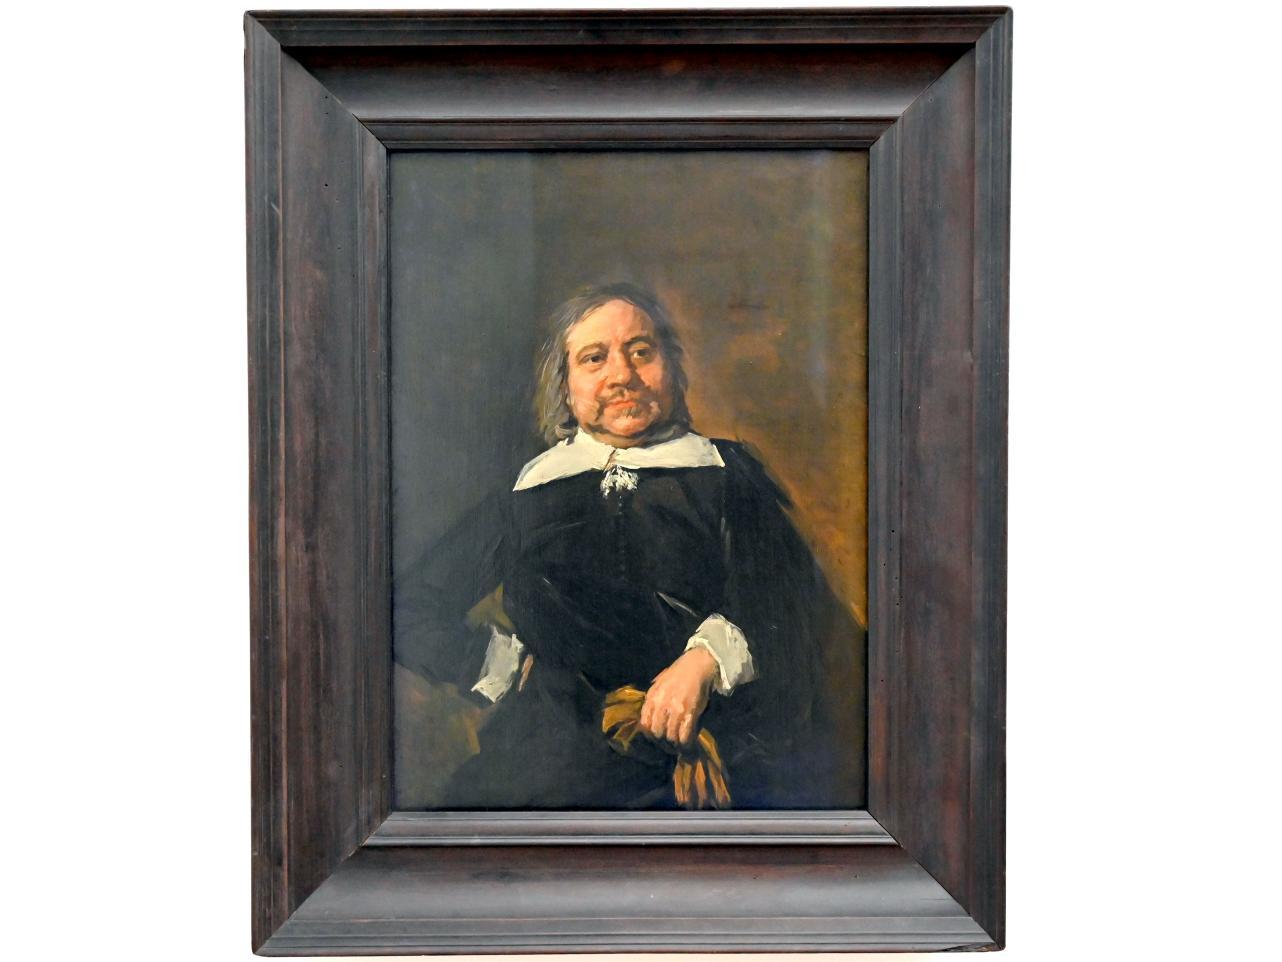 Frans Hals: Willem Croes, 1660 - 1662